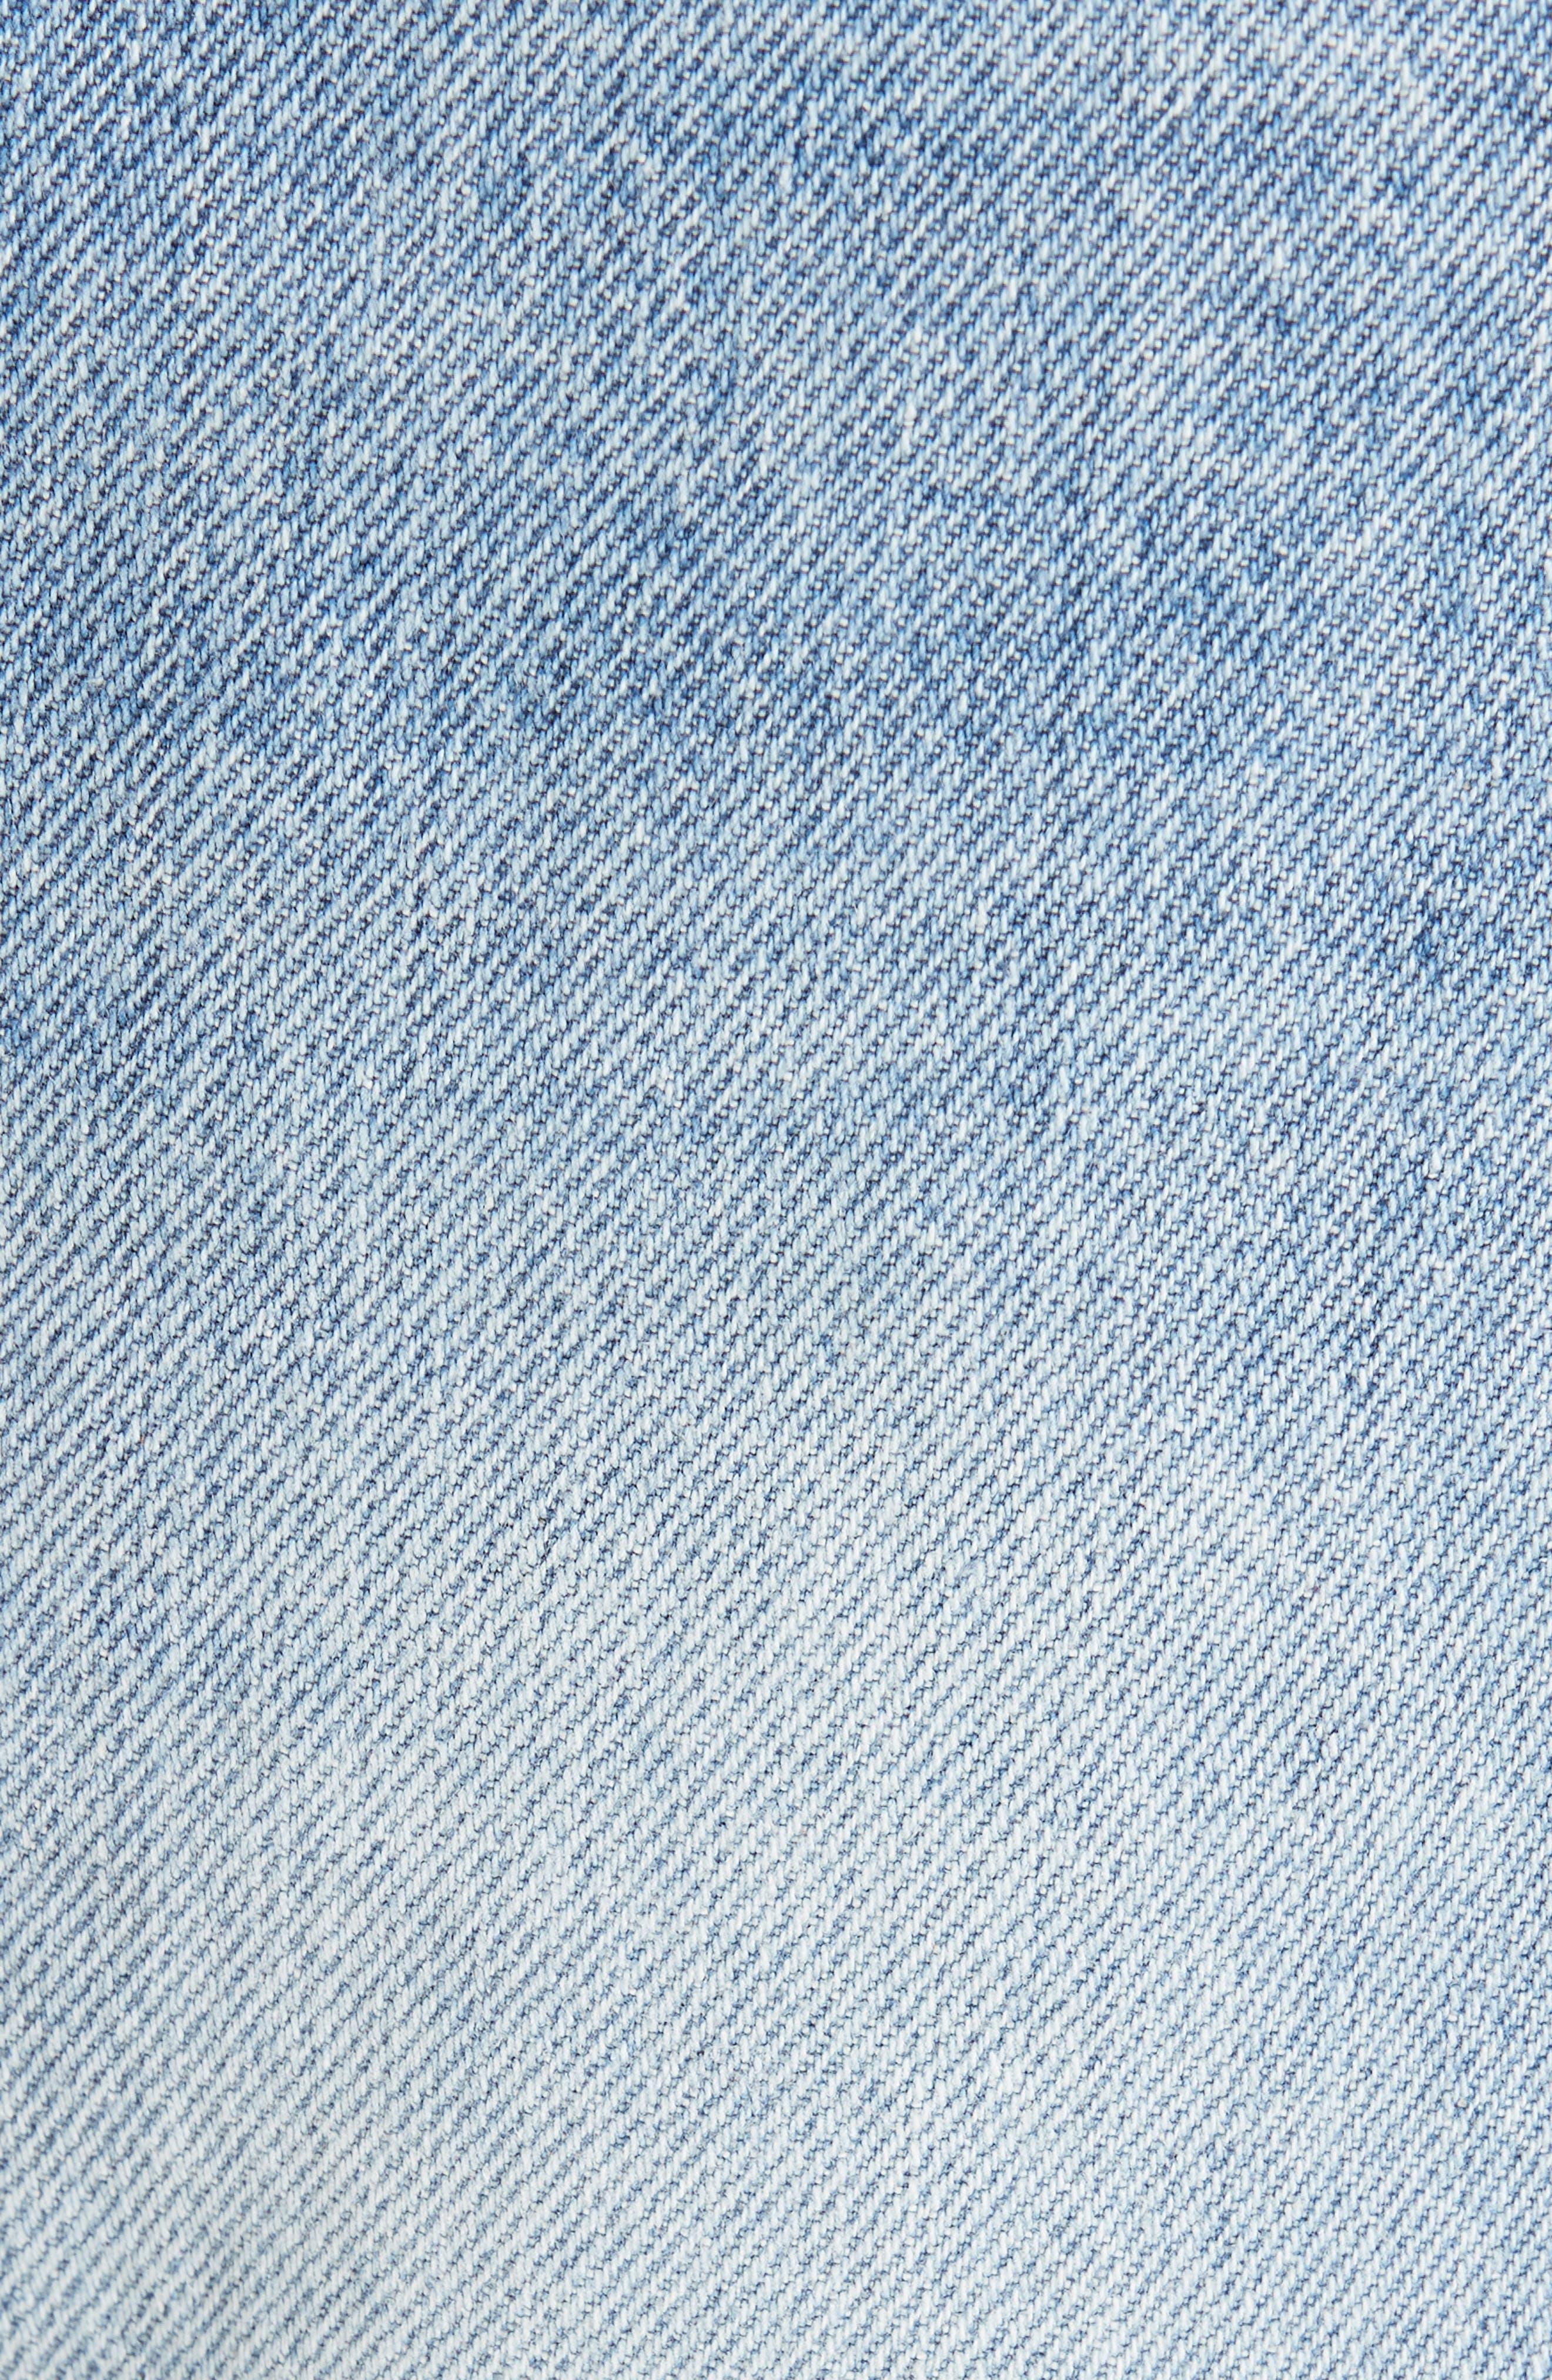 1997 Straight Leg Jeans,                             Alternate thumbnail 5, color,                             LIGHT BLUE